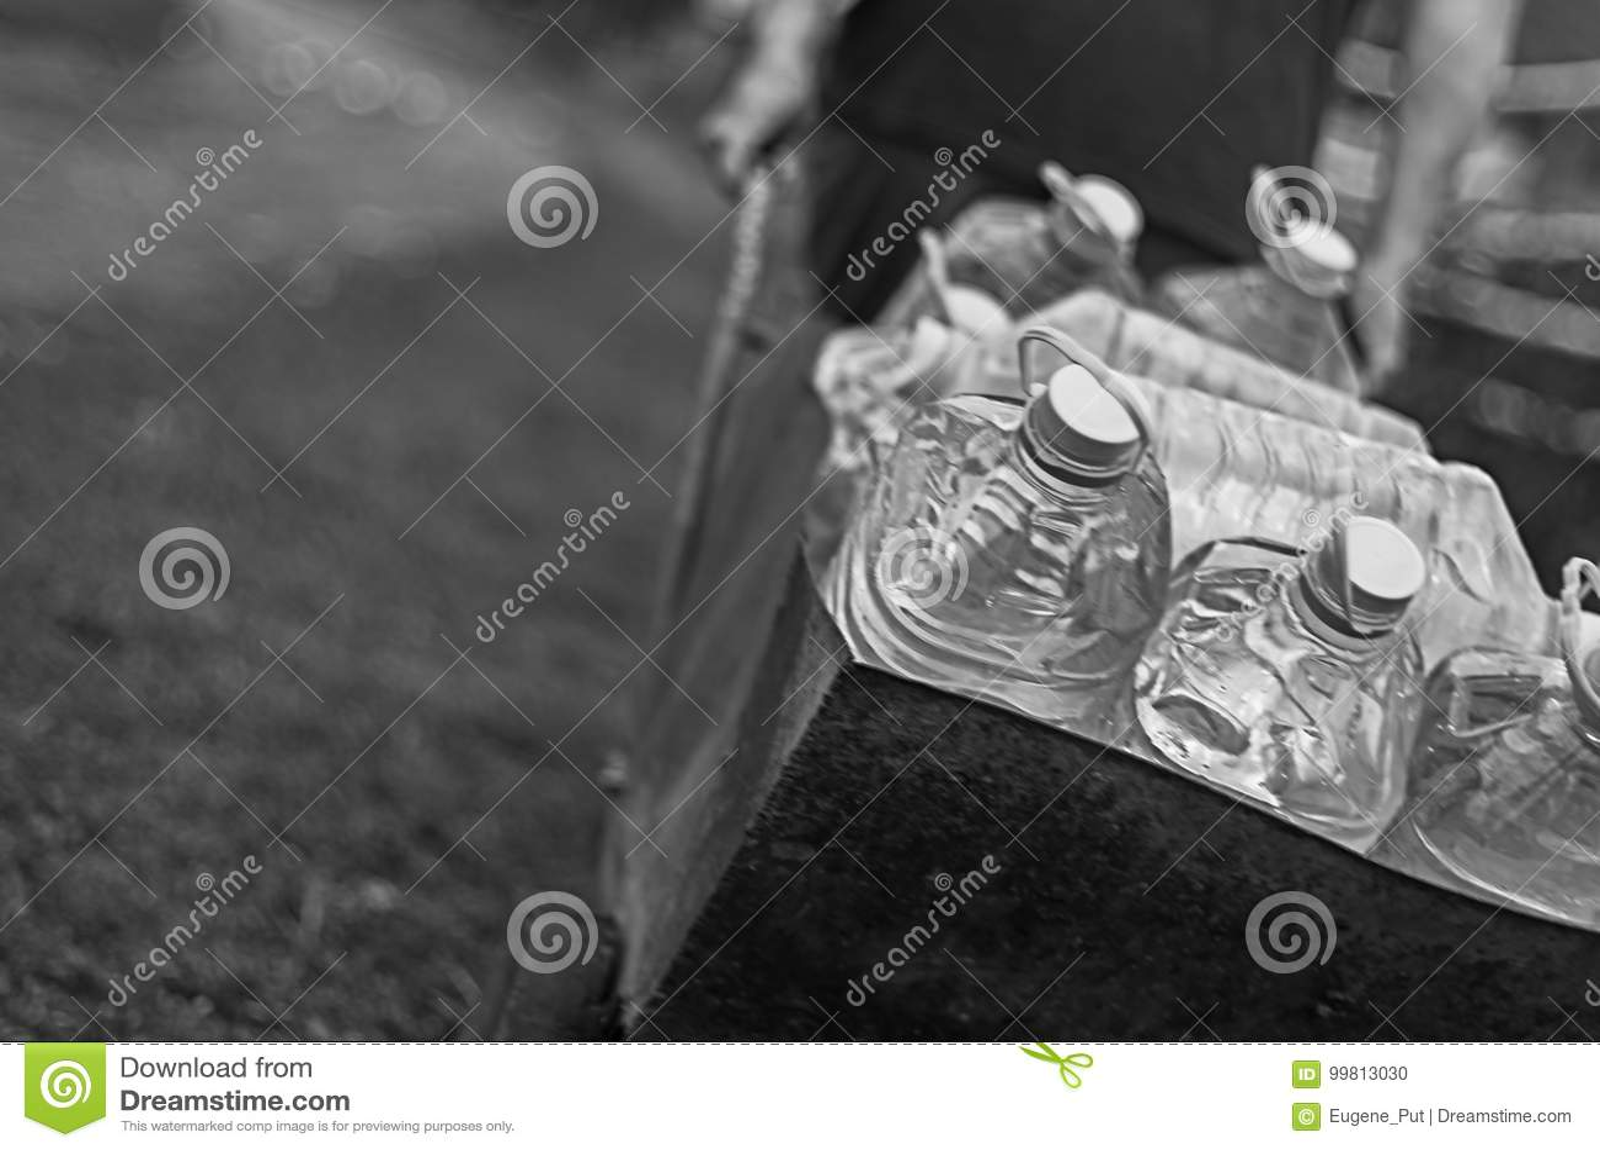 Ameaças da falta da fonte das alterações climáticas e de água O homem branco puxa um carro das garrafas plásticas enchidas com a